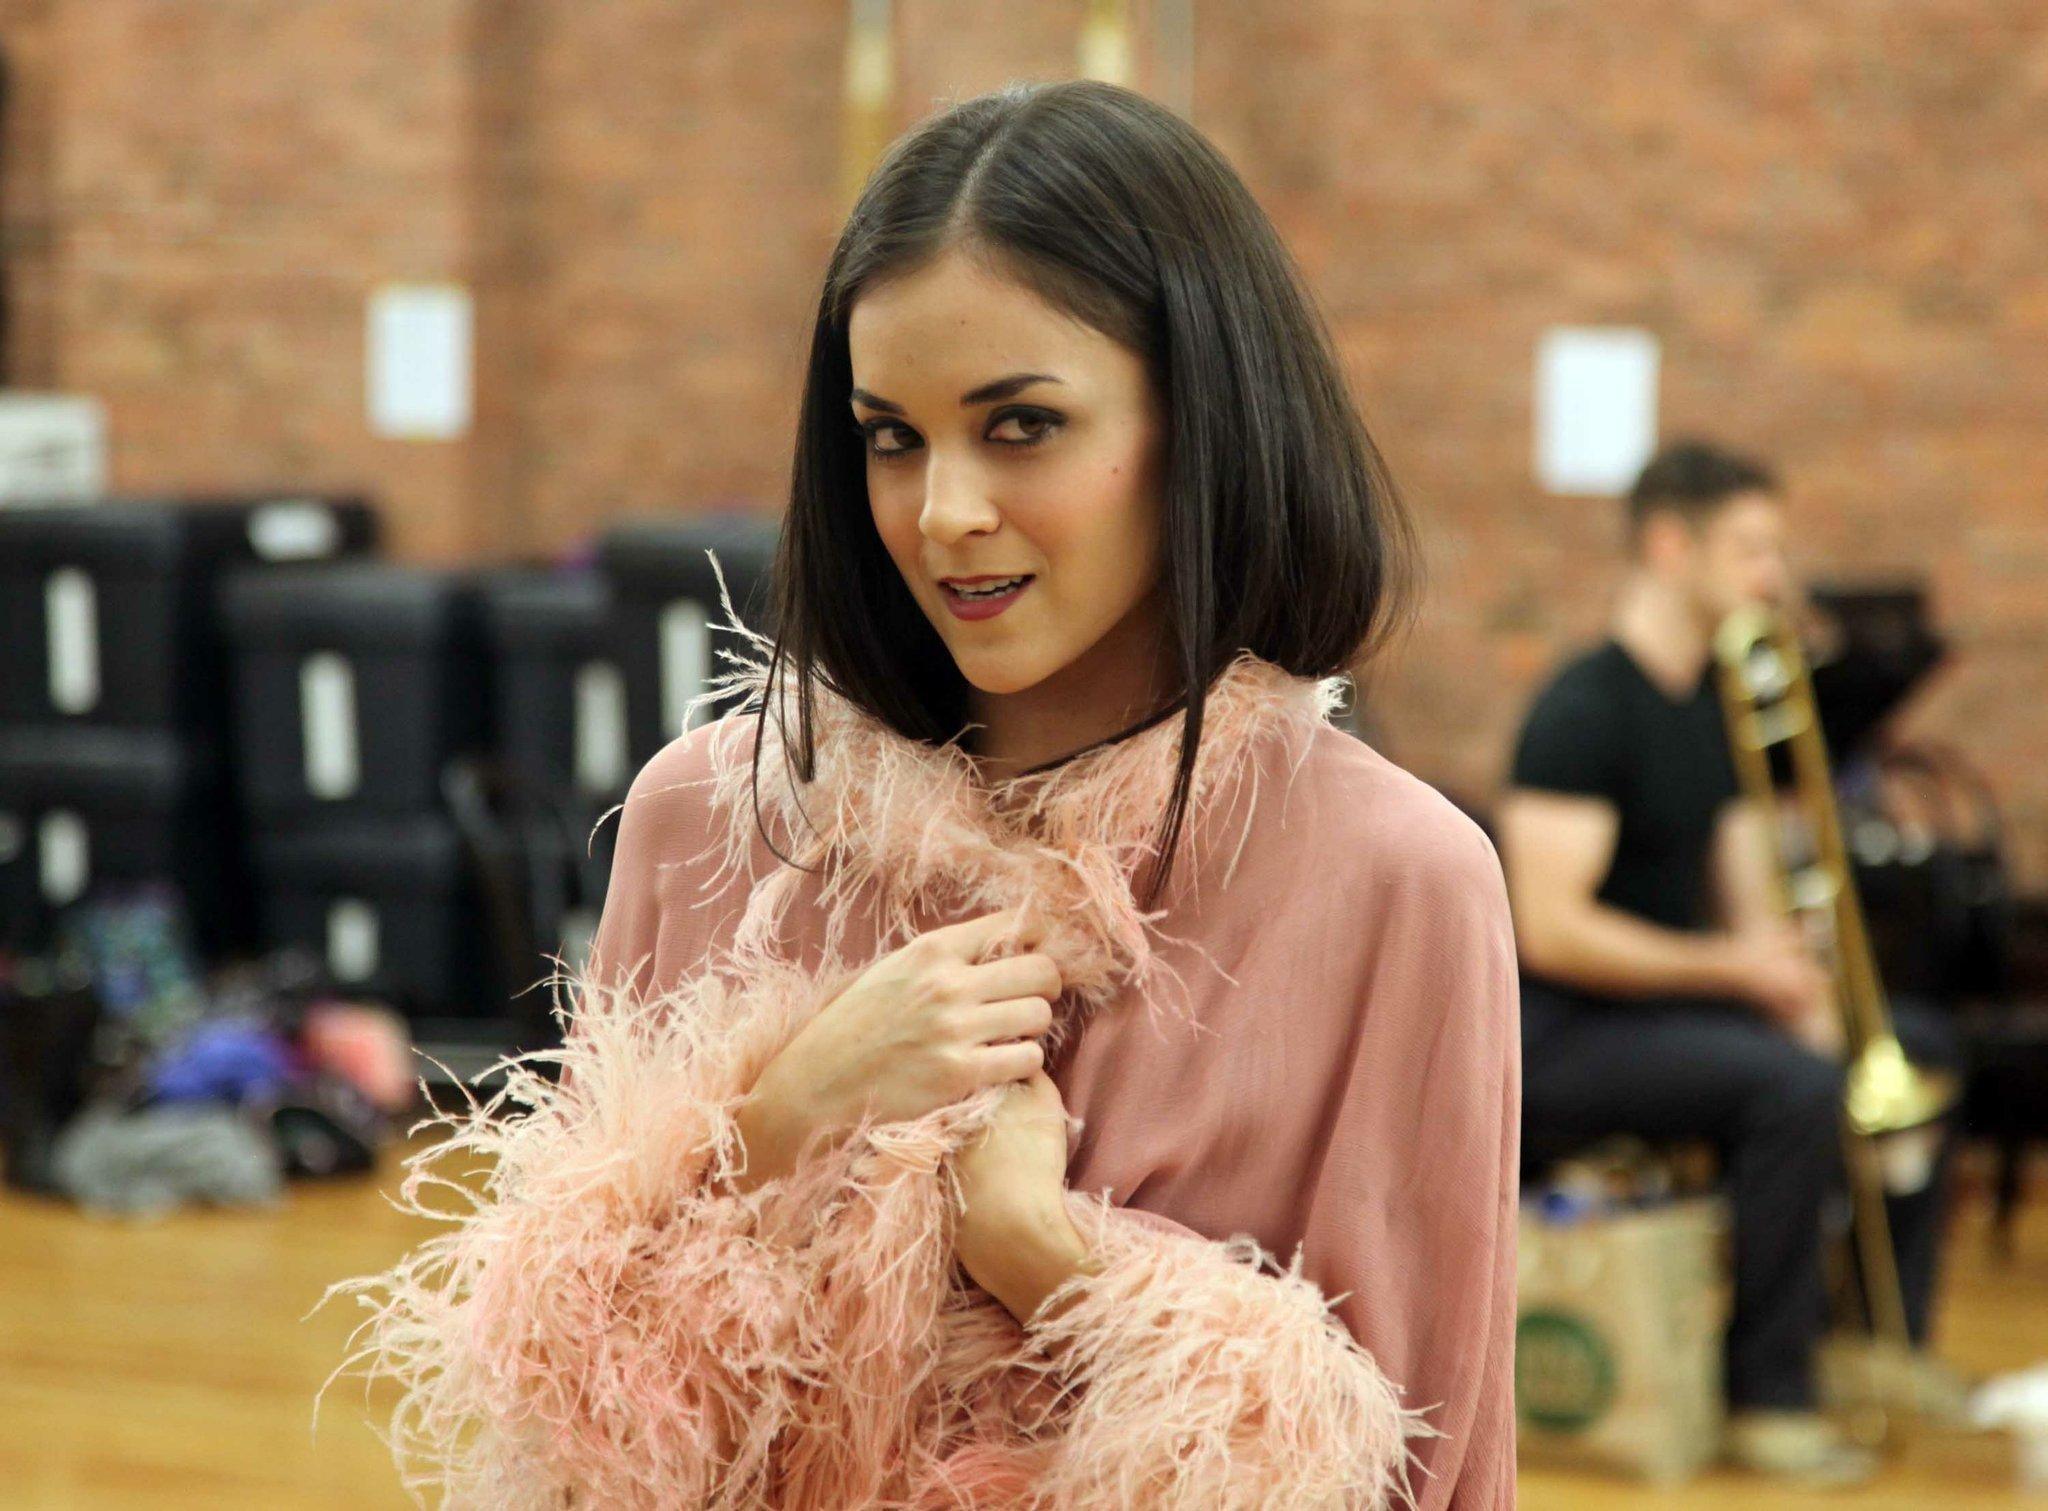 picture Laura Solari